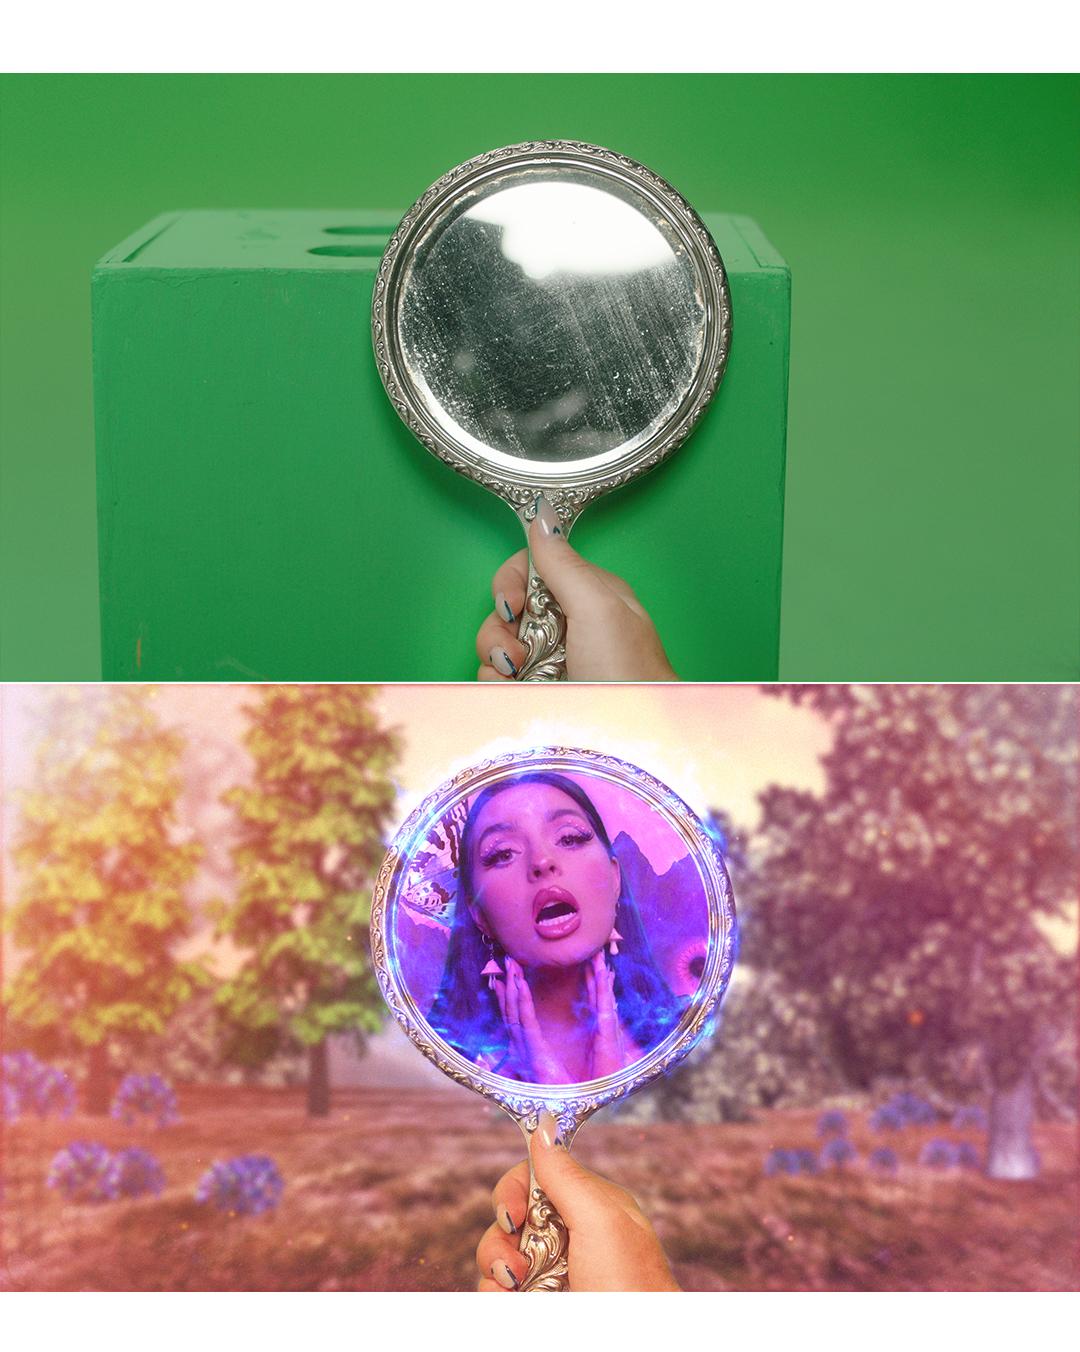 mirror greenscreen comparison music video VFX